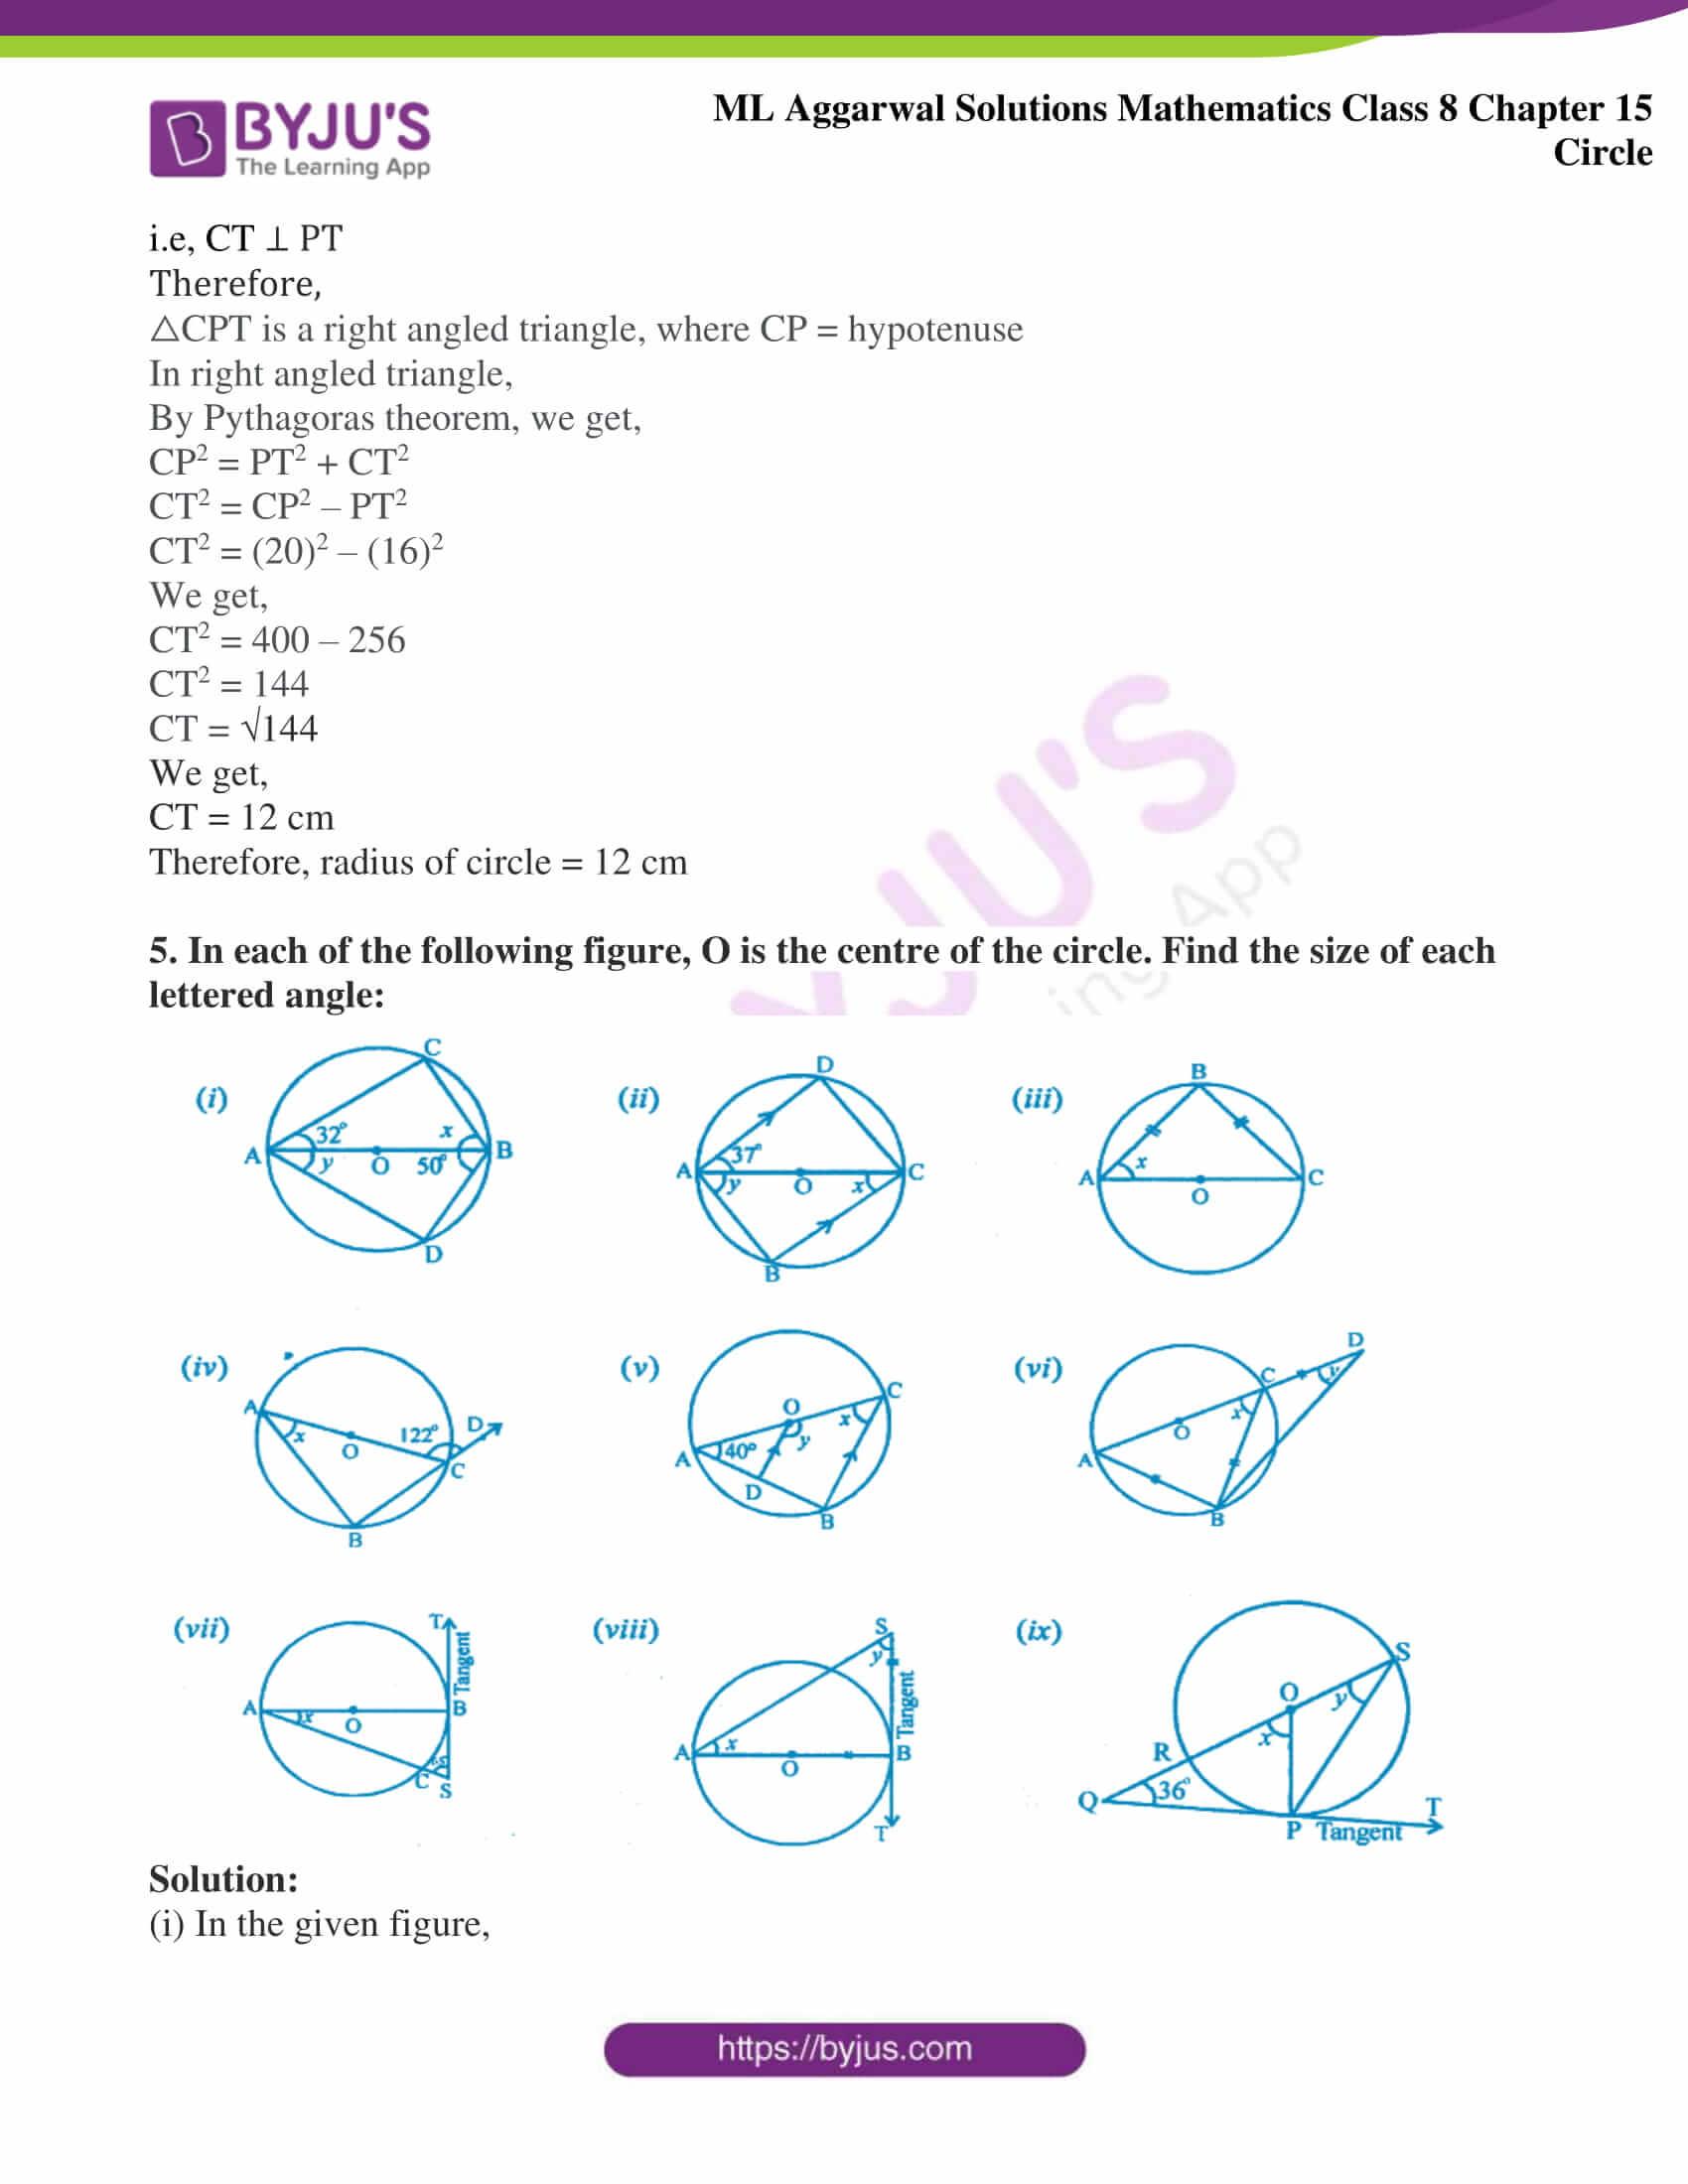 ml aggarwal sol mathematics class 8 ch 15 03